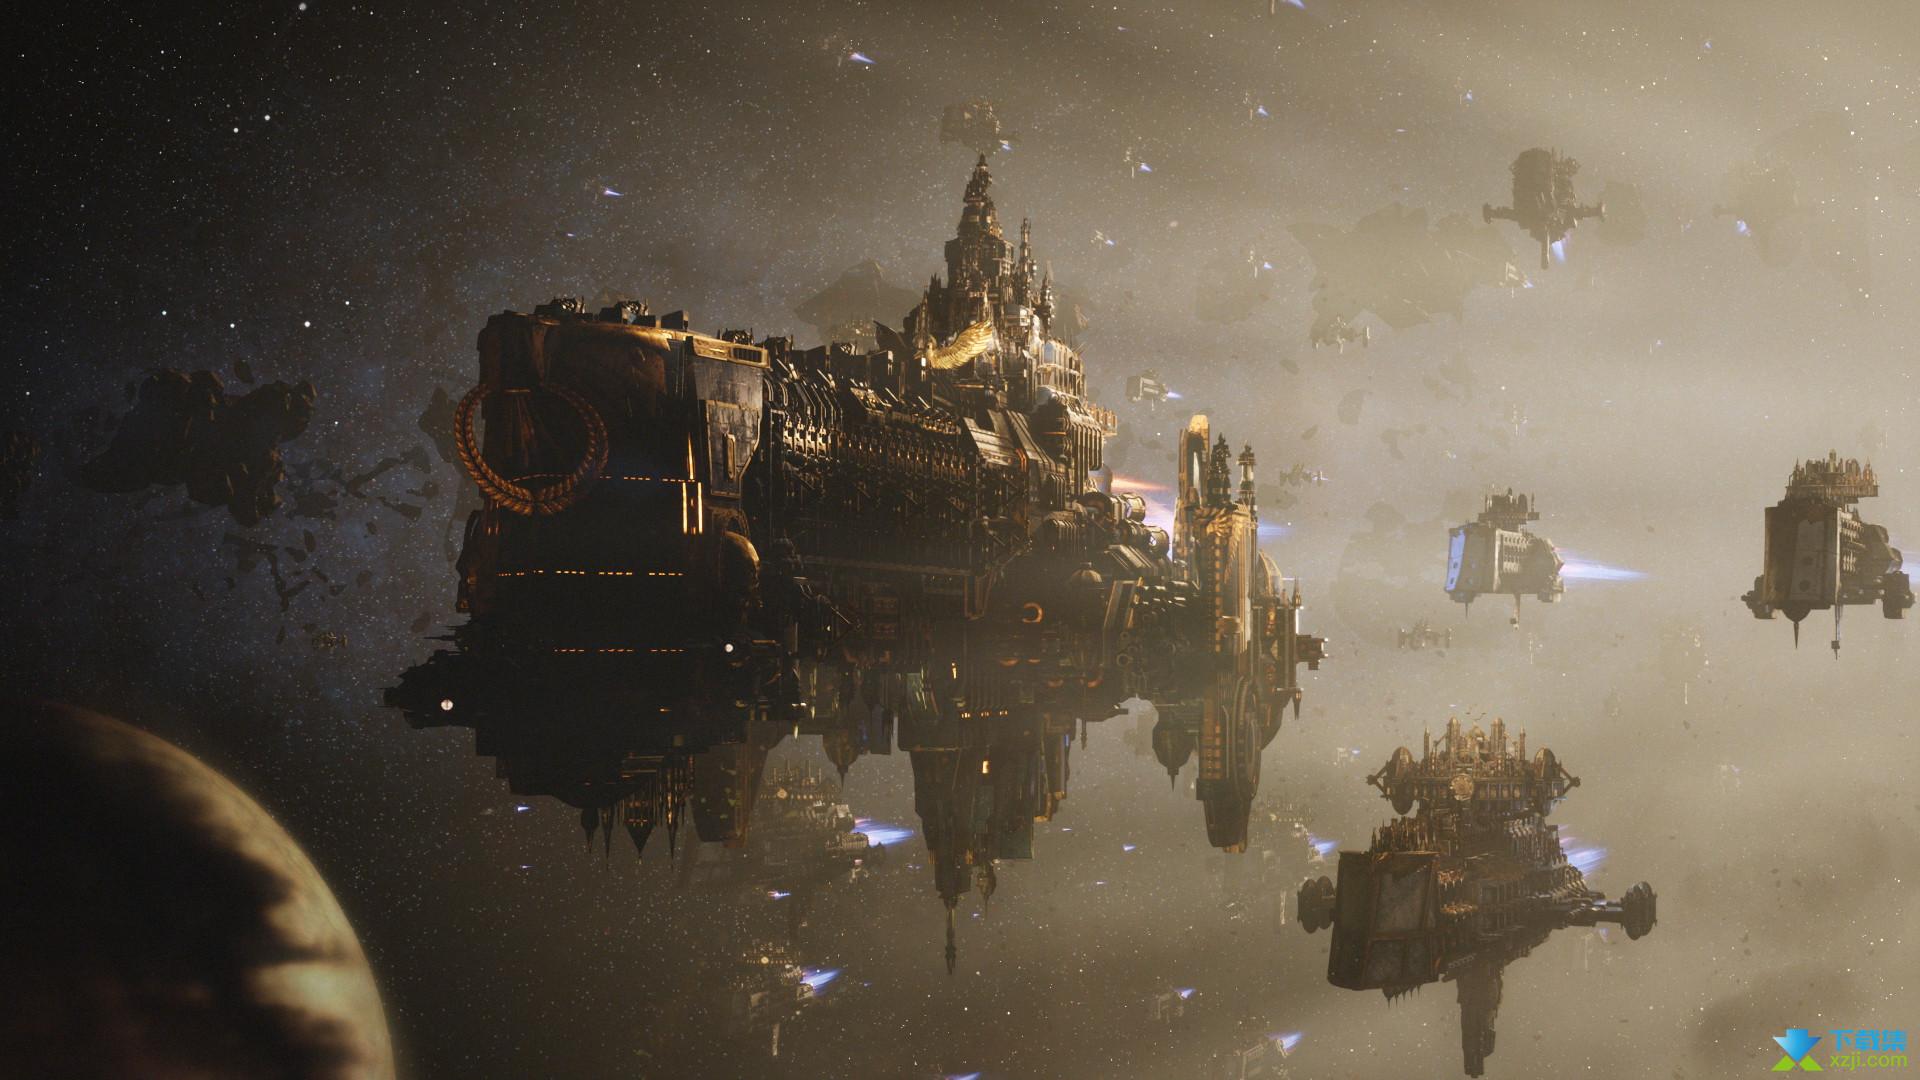 哥特舰队阿玛达2界面3